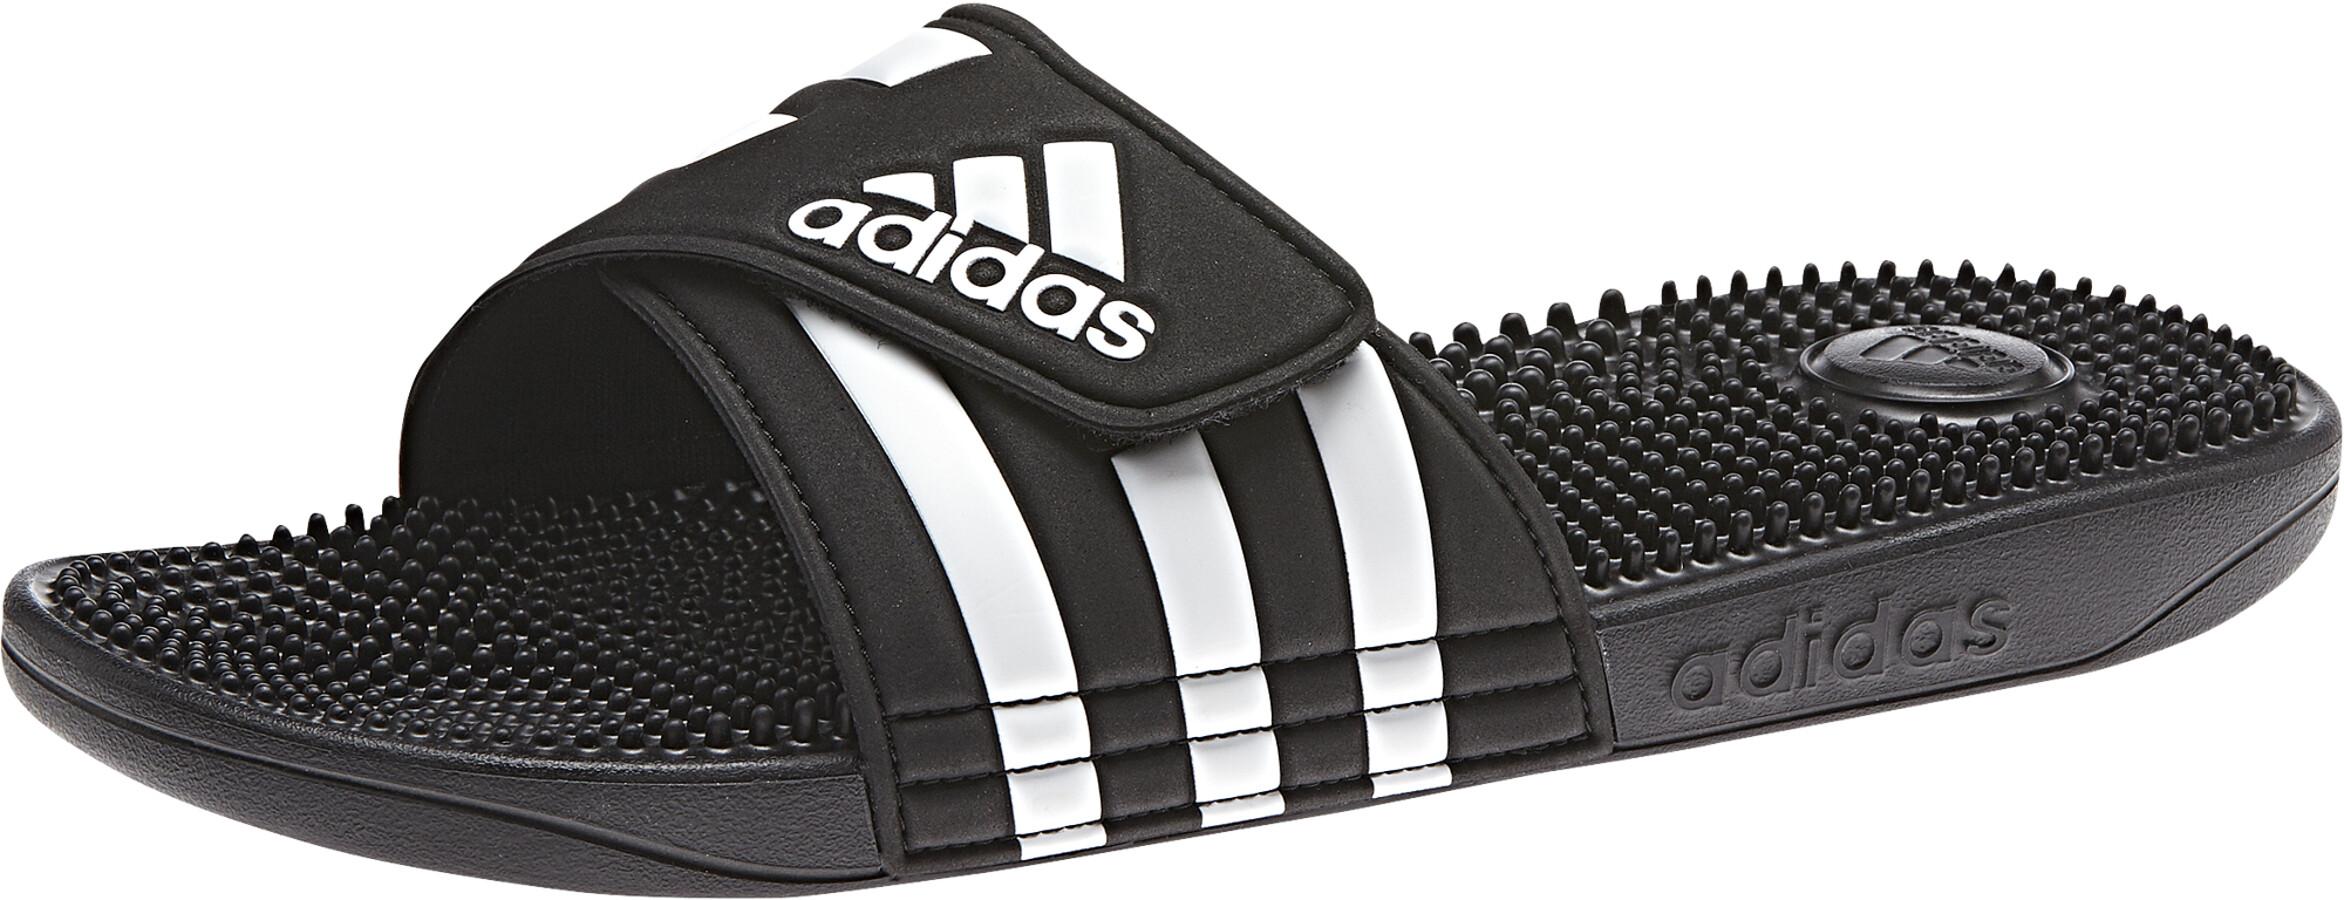 finest selection 56070 2dc18 adidas Adissage - Chaussures de plage Homme - noir